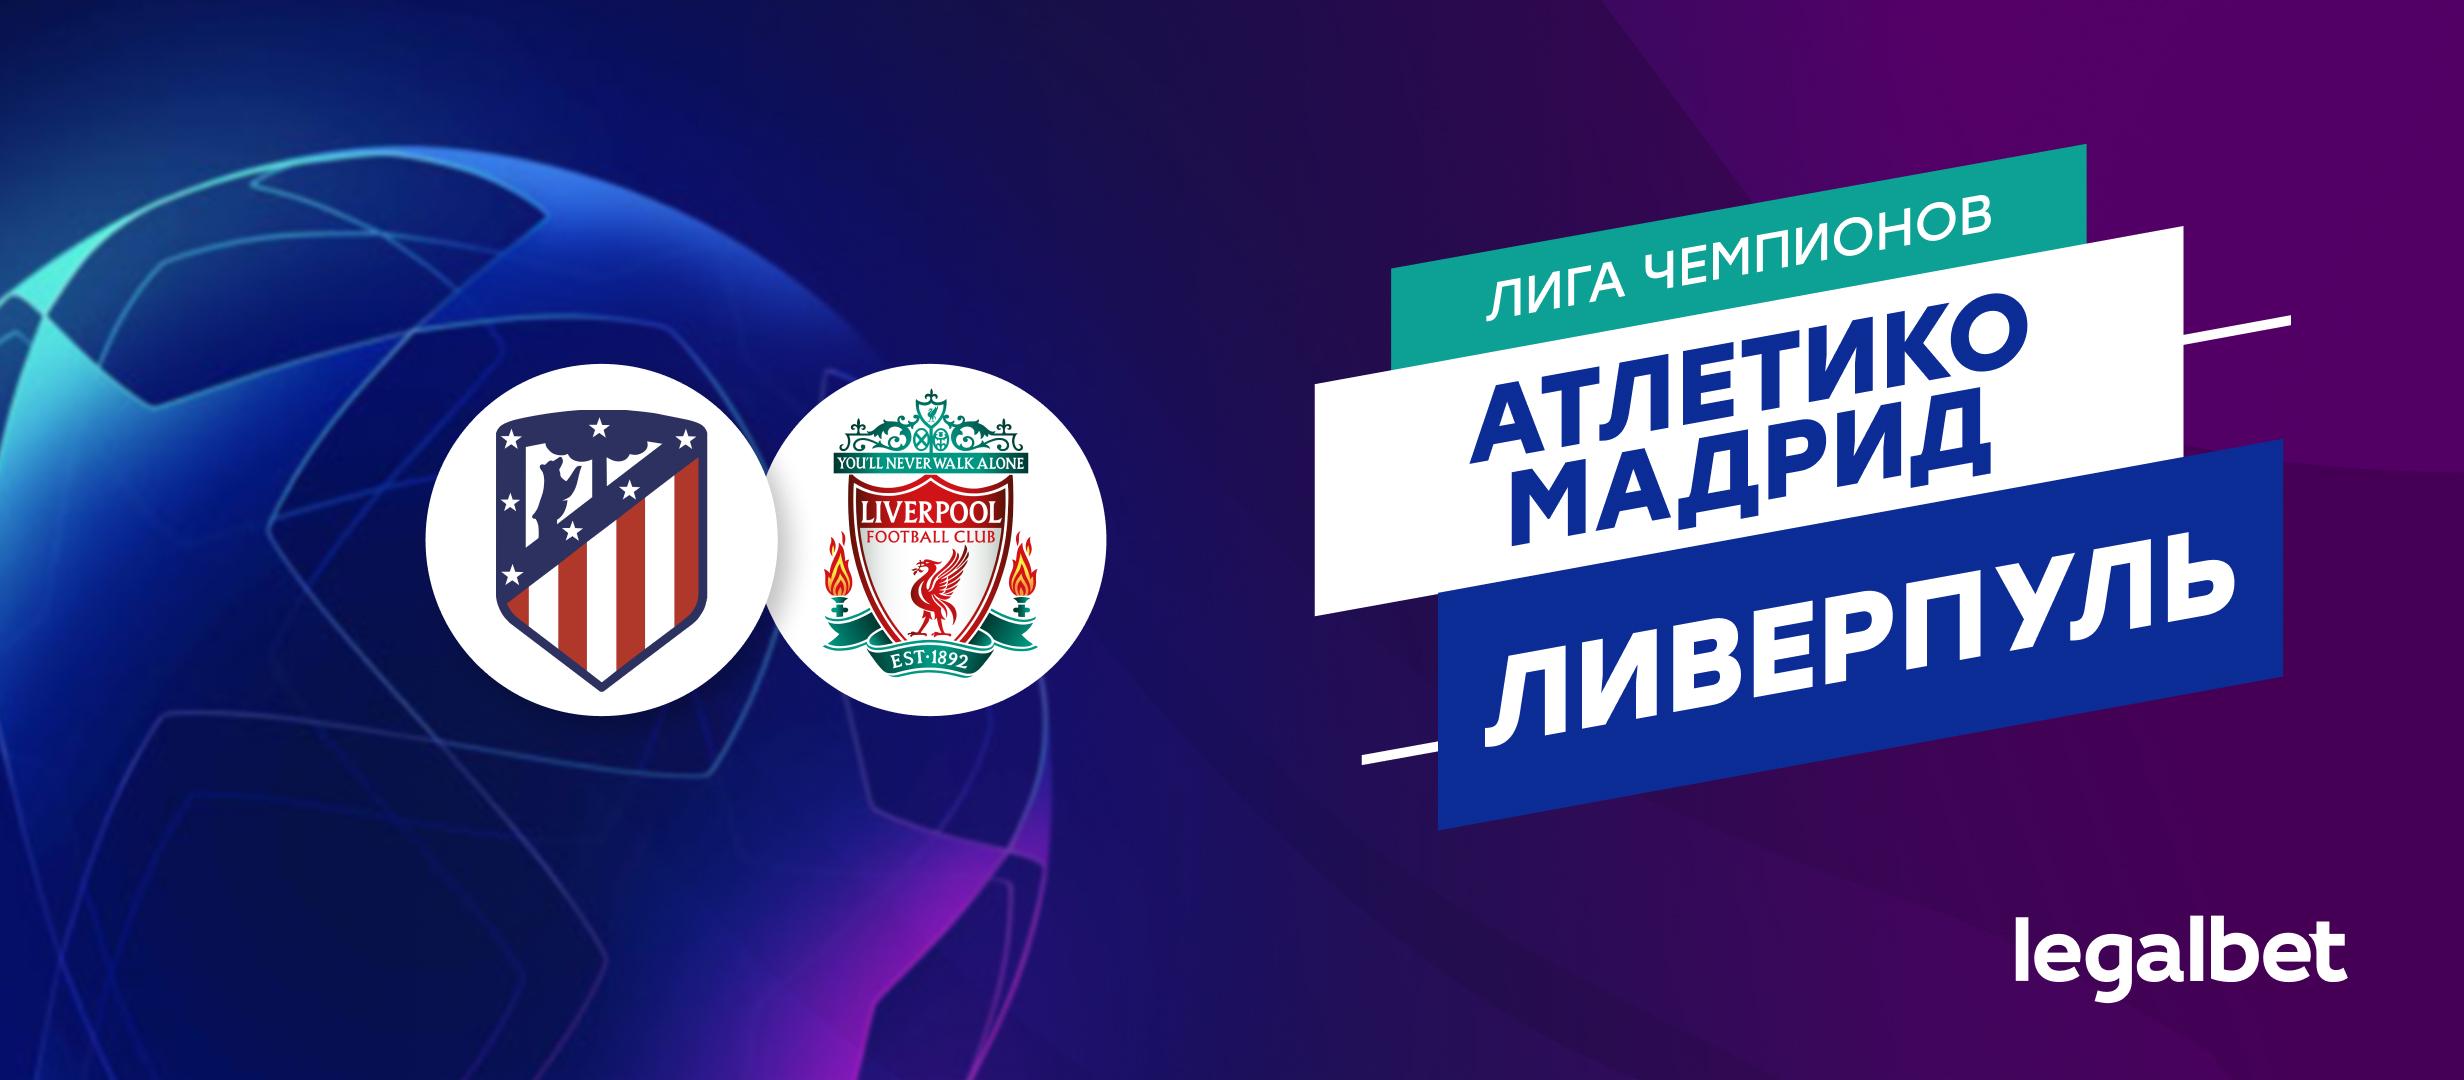 «Атлетико» Мадрид — «Ливерпуль»: ставки и коэффициенты на матч